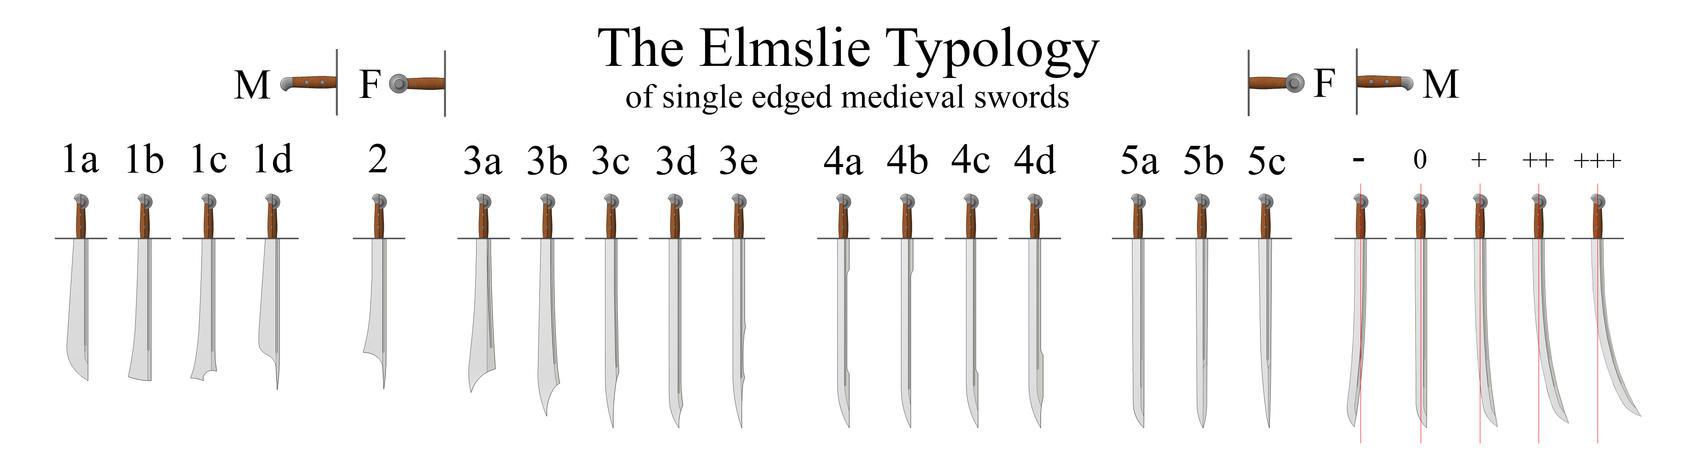 [Equipement]L'armurerie au fond de la ruelle Elmslie_typology_of_single_edged_medieval_swords_by_shad_brooks-daenytz